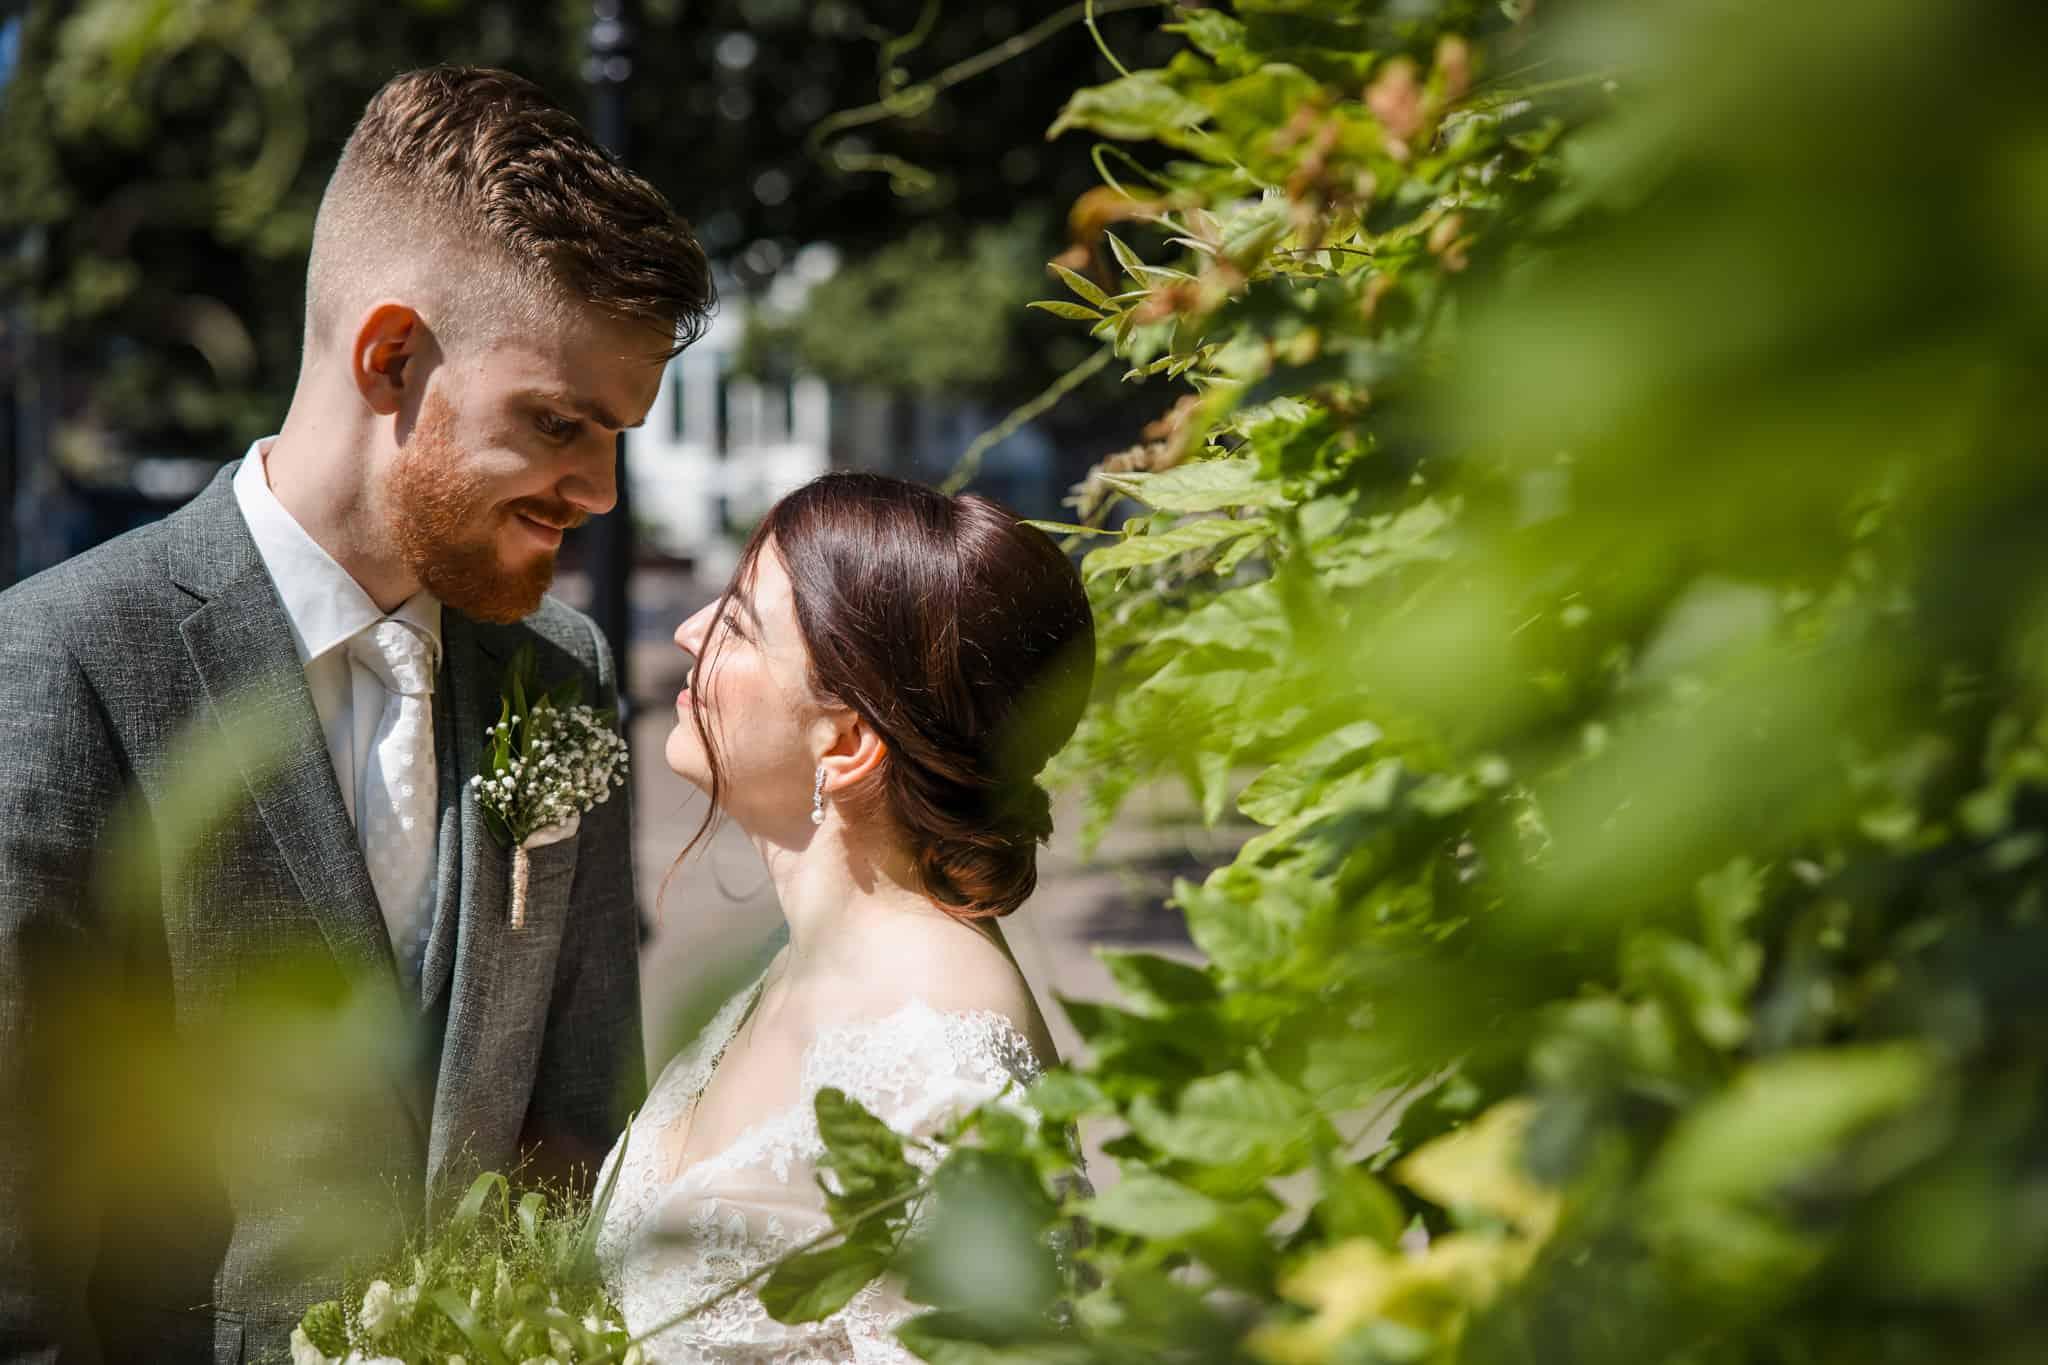 Bruidsfotografie door de bosjes het stel gefotografeerd.